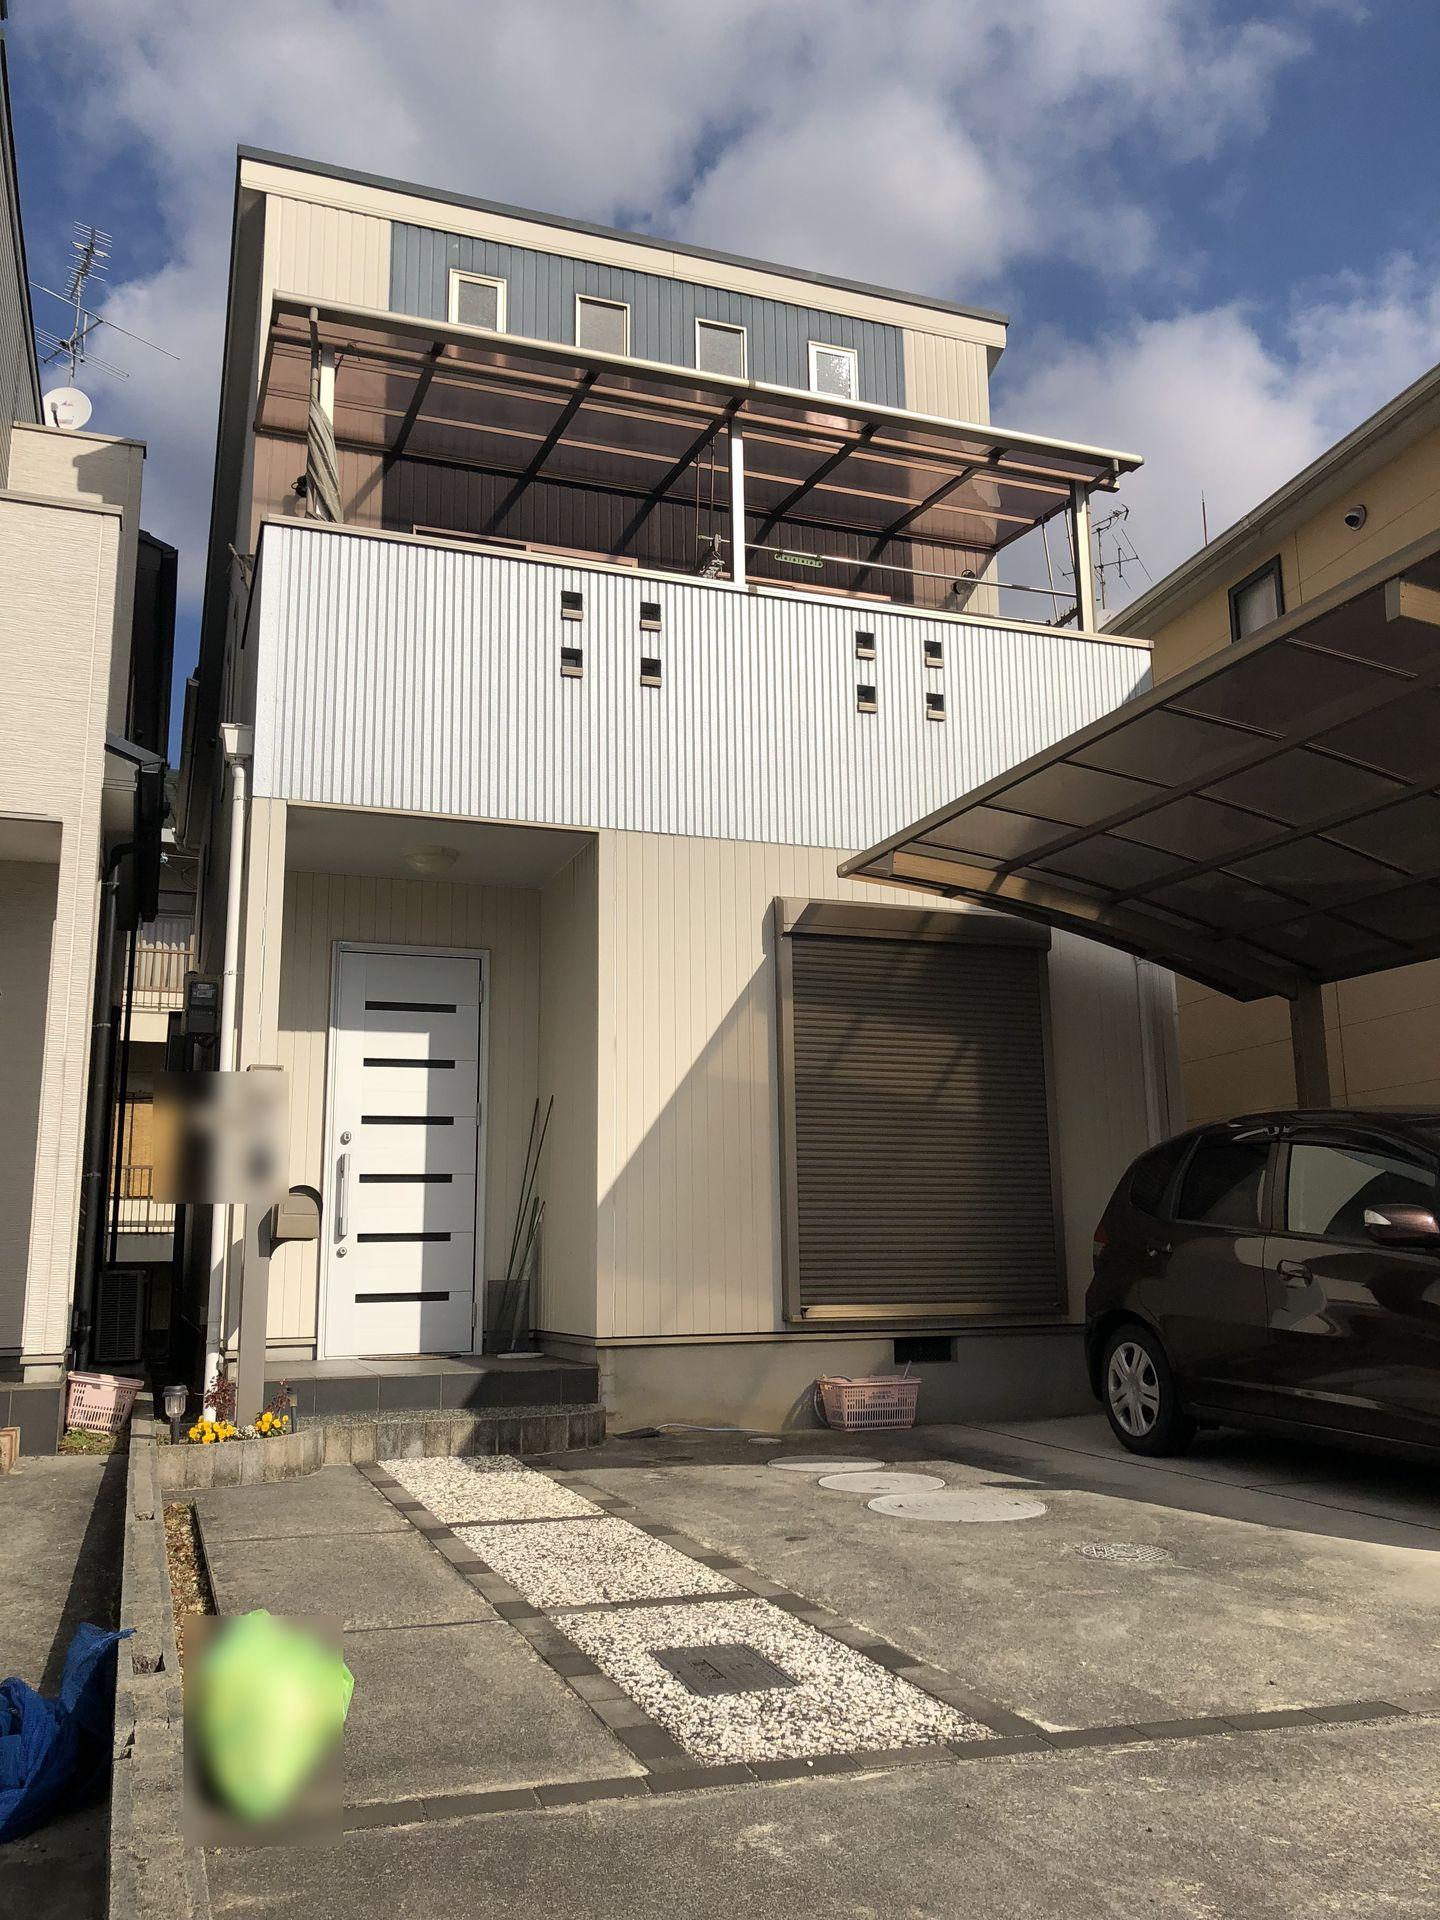 【外観写真】 平成19年完成の築浅物件です。 並列で駐車2台可能。 2室から出入りできるバルコニーから 光がたっぷり入る明るいおうちです。